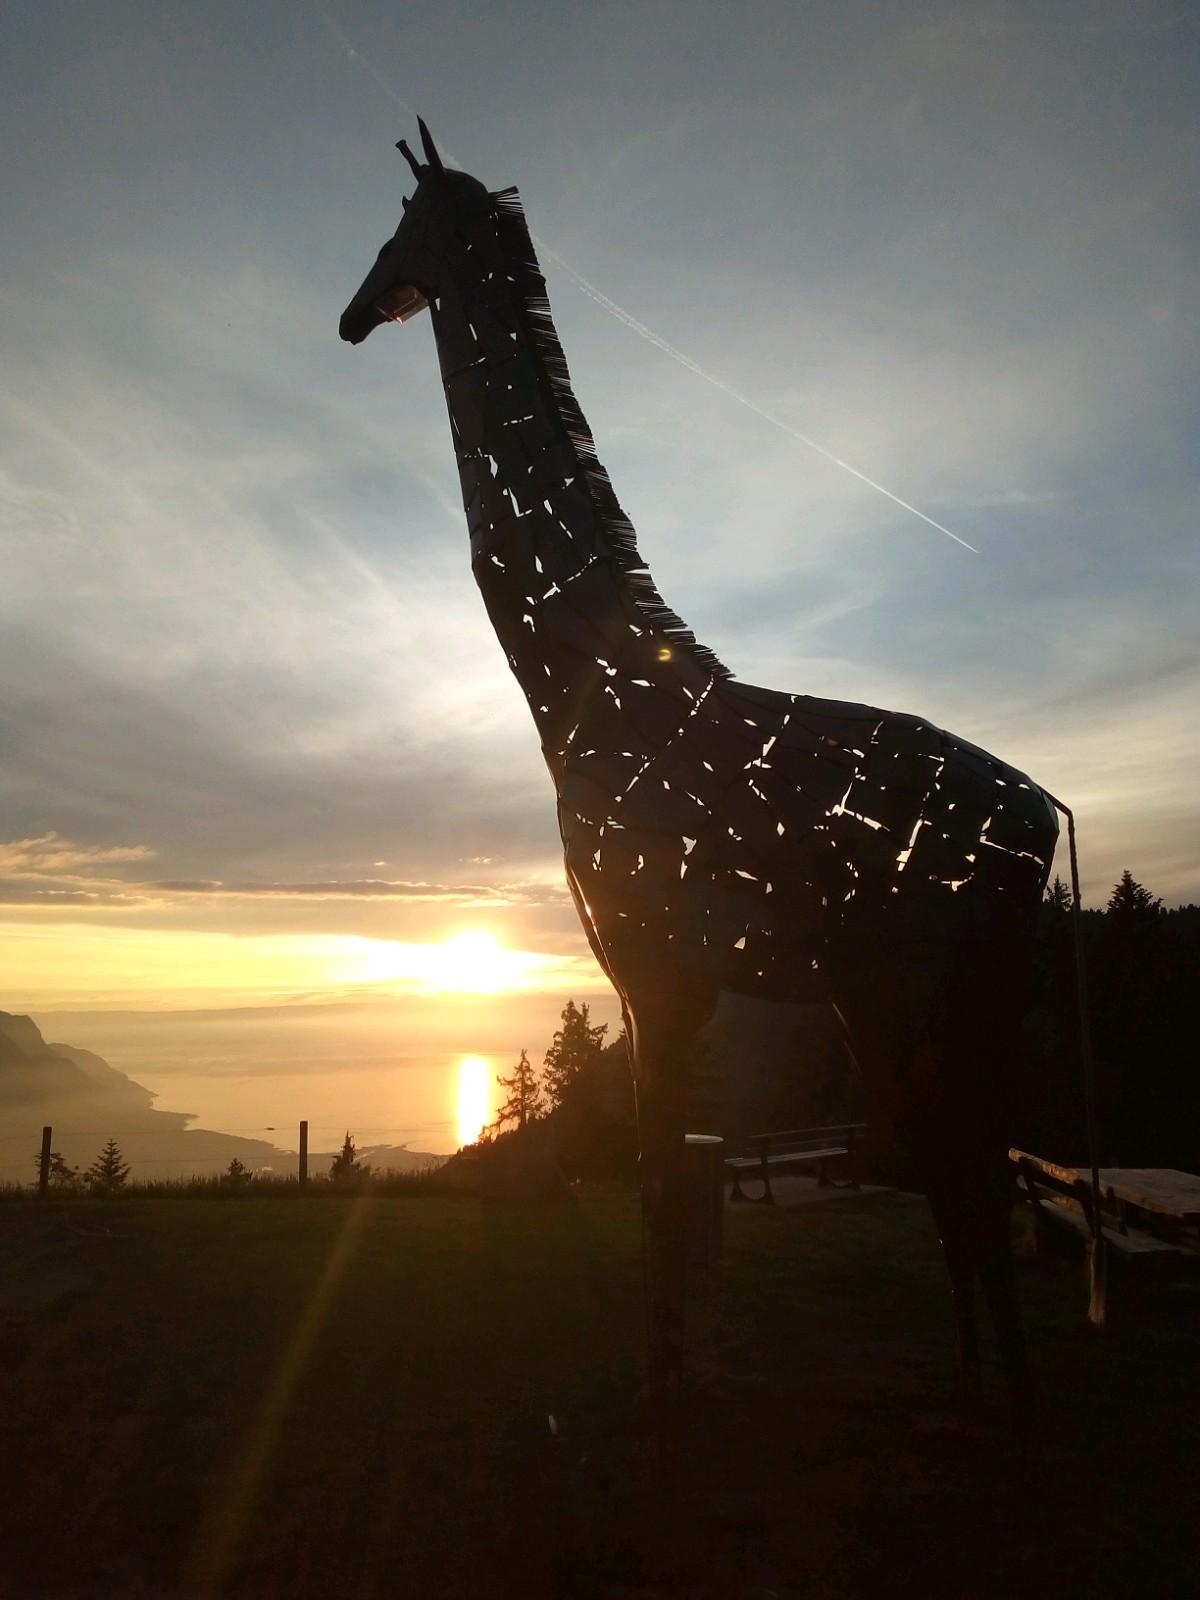 A8 - La Girafe (Prafandaz)